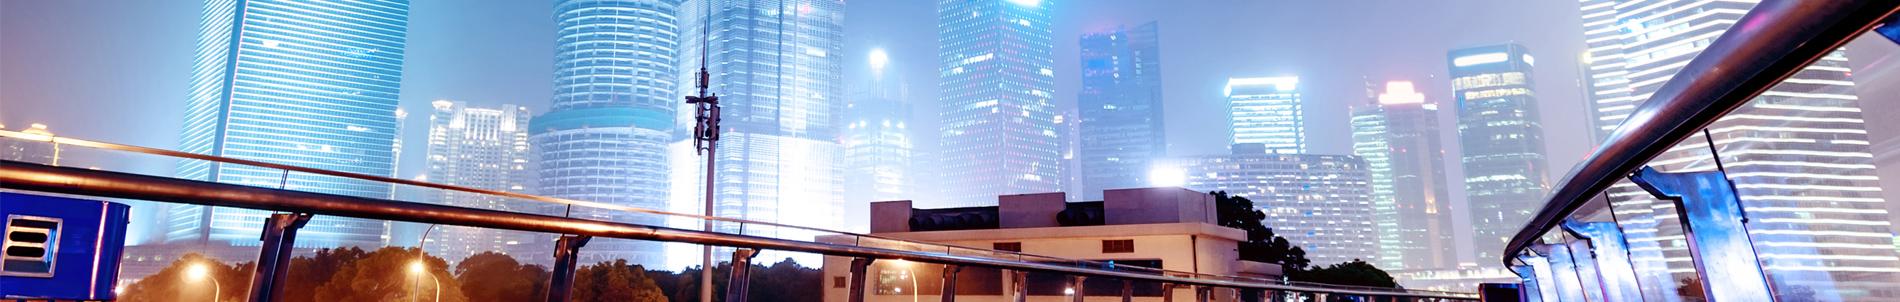 Asiolum, Distributeur exclusif des Balises d'obstacle à la navigation aérienne OBELUX en France, Balises Infra-Rouge, Basse, Haute et moyenne Intensité